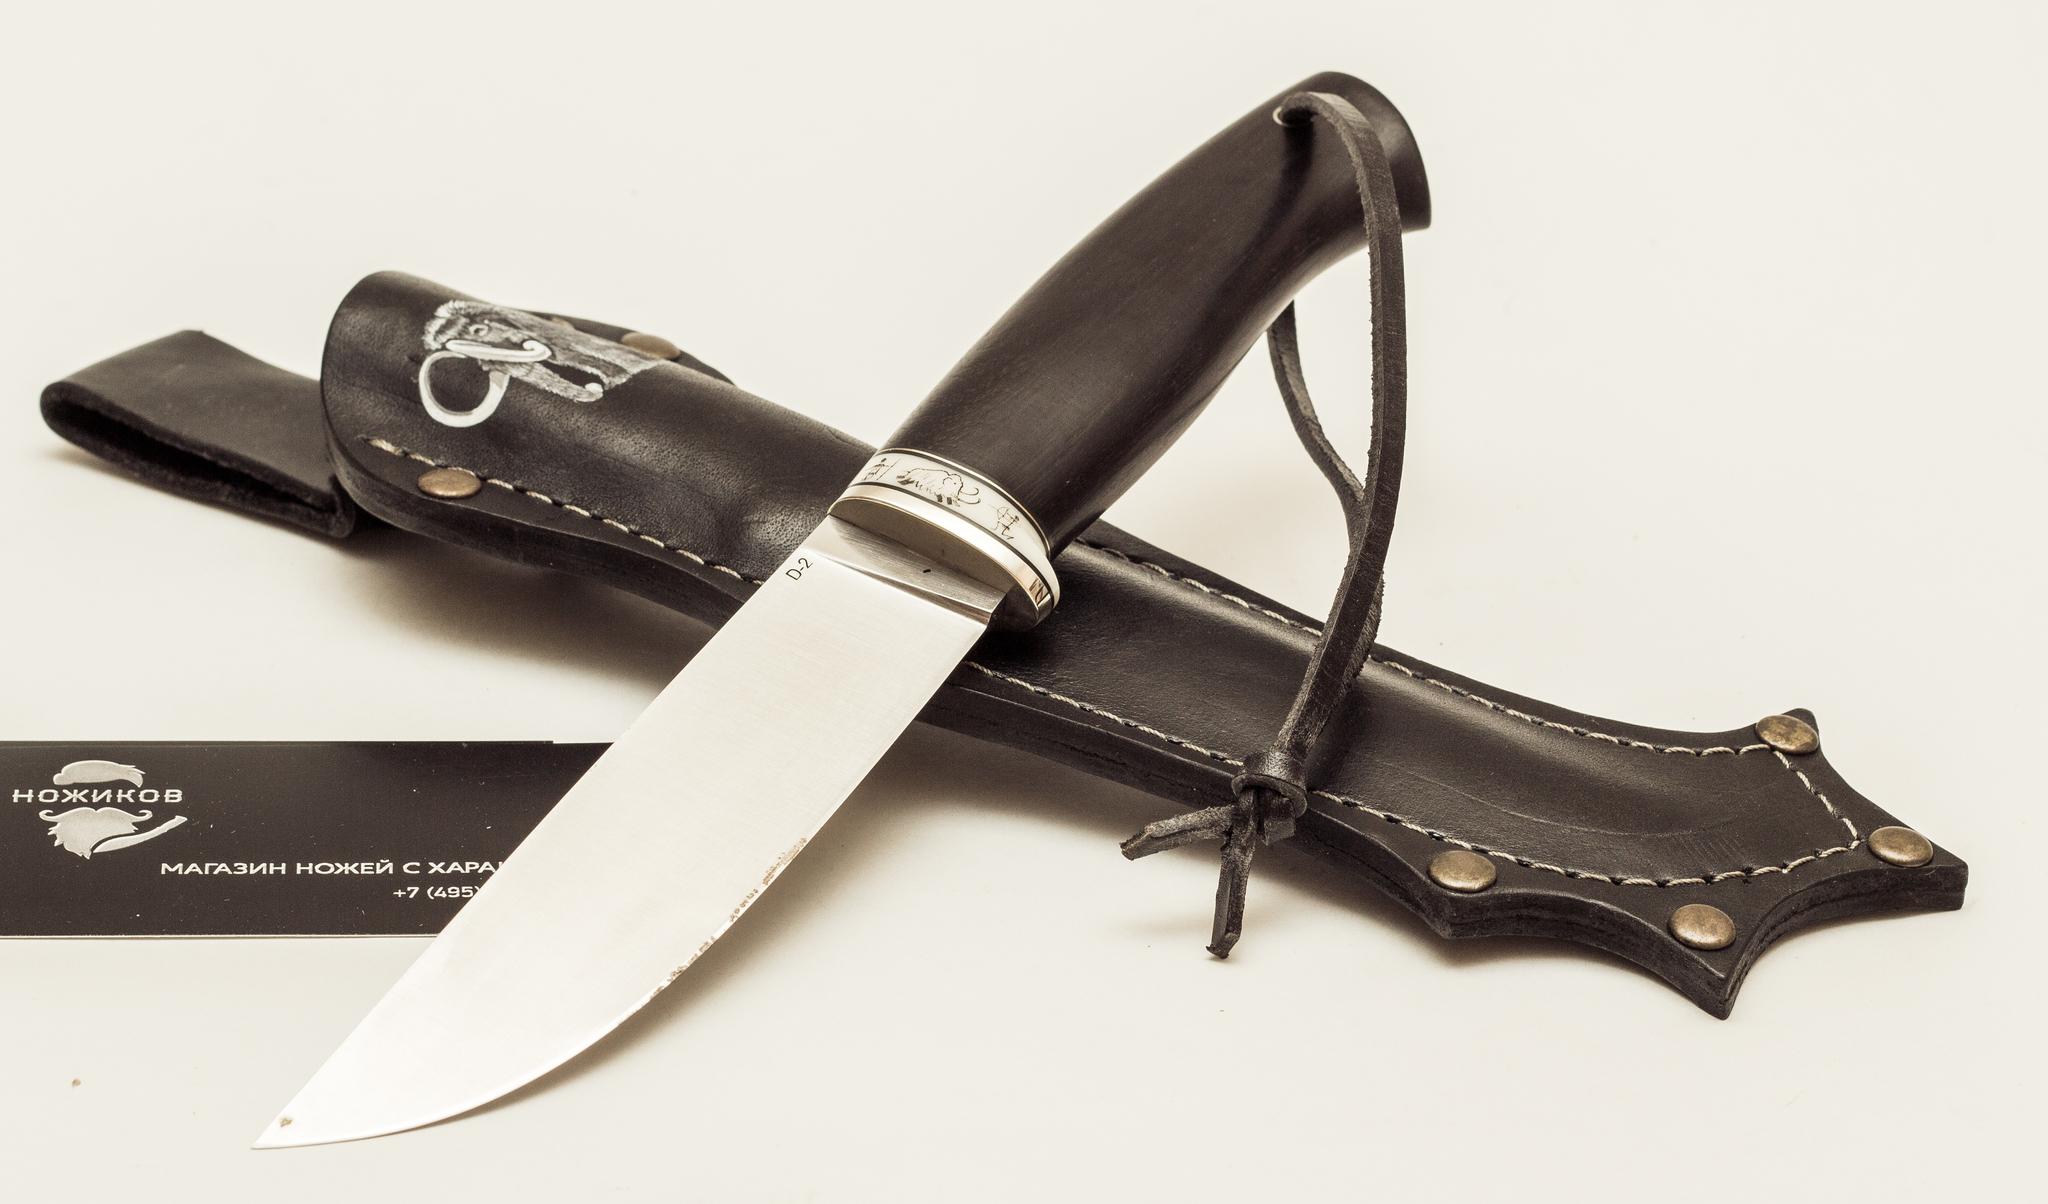 Нож Лиман, сталь D2, черный граб скрим-шоуНожи из стали D2<br><br>